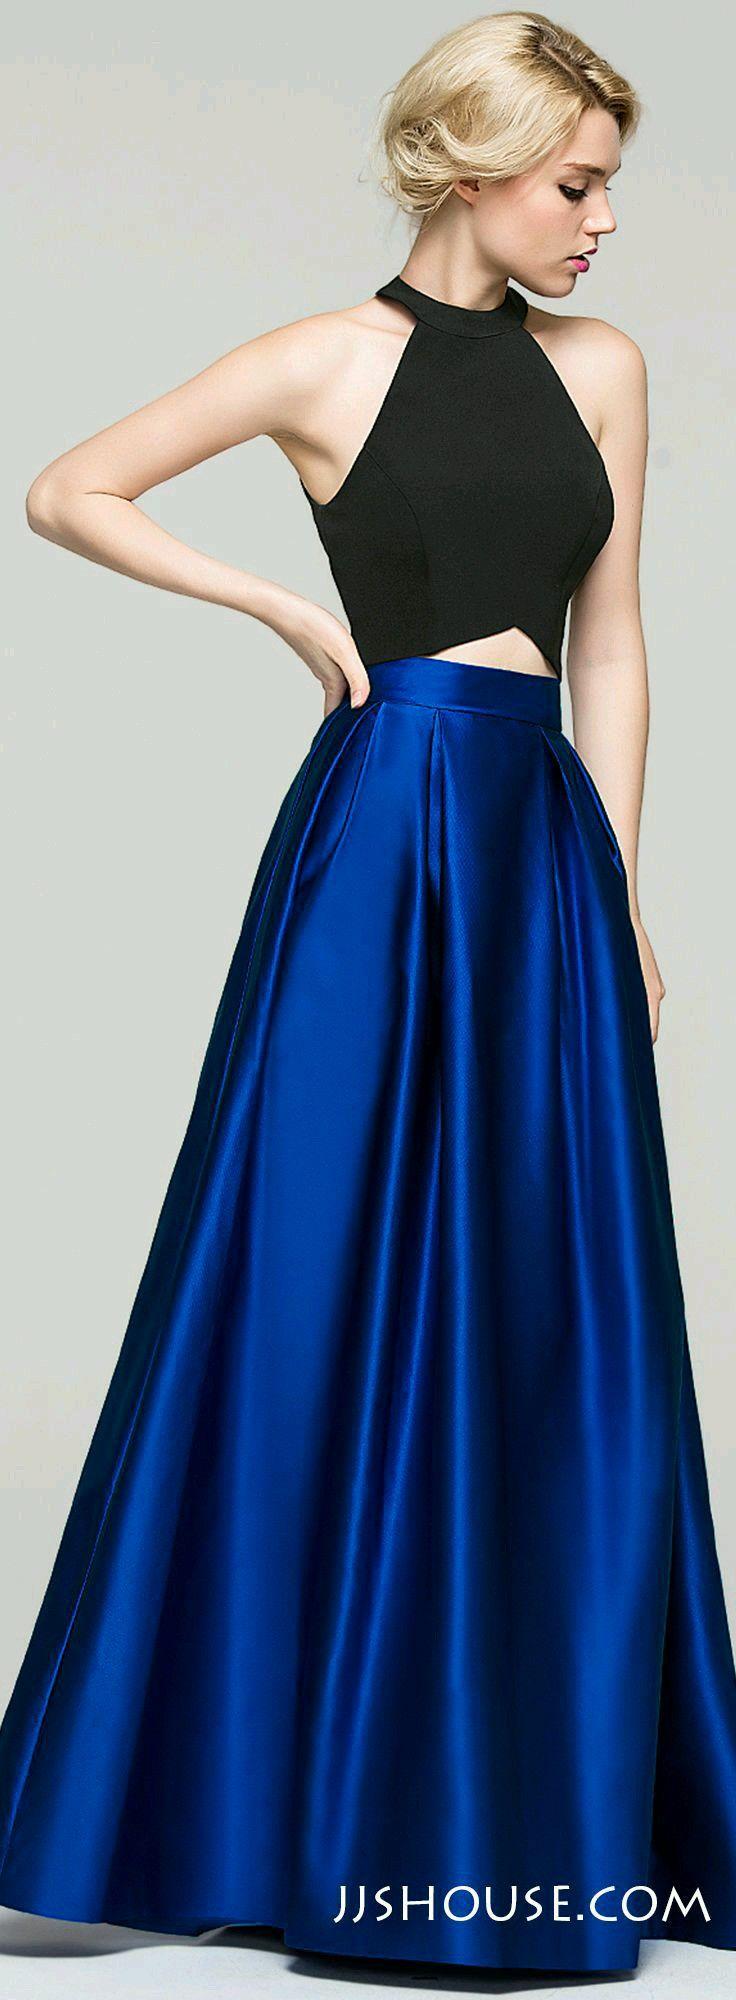 Crop top y falda larga, negro y azul, ideal para una graduación.